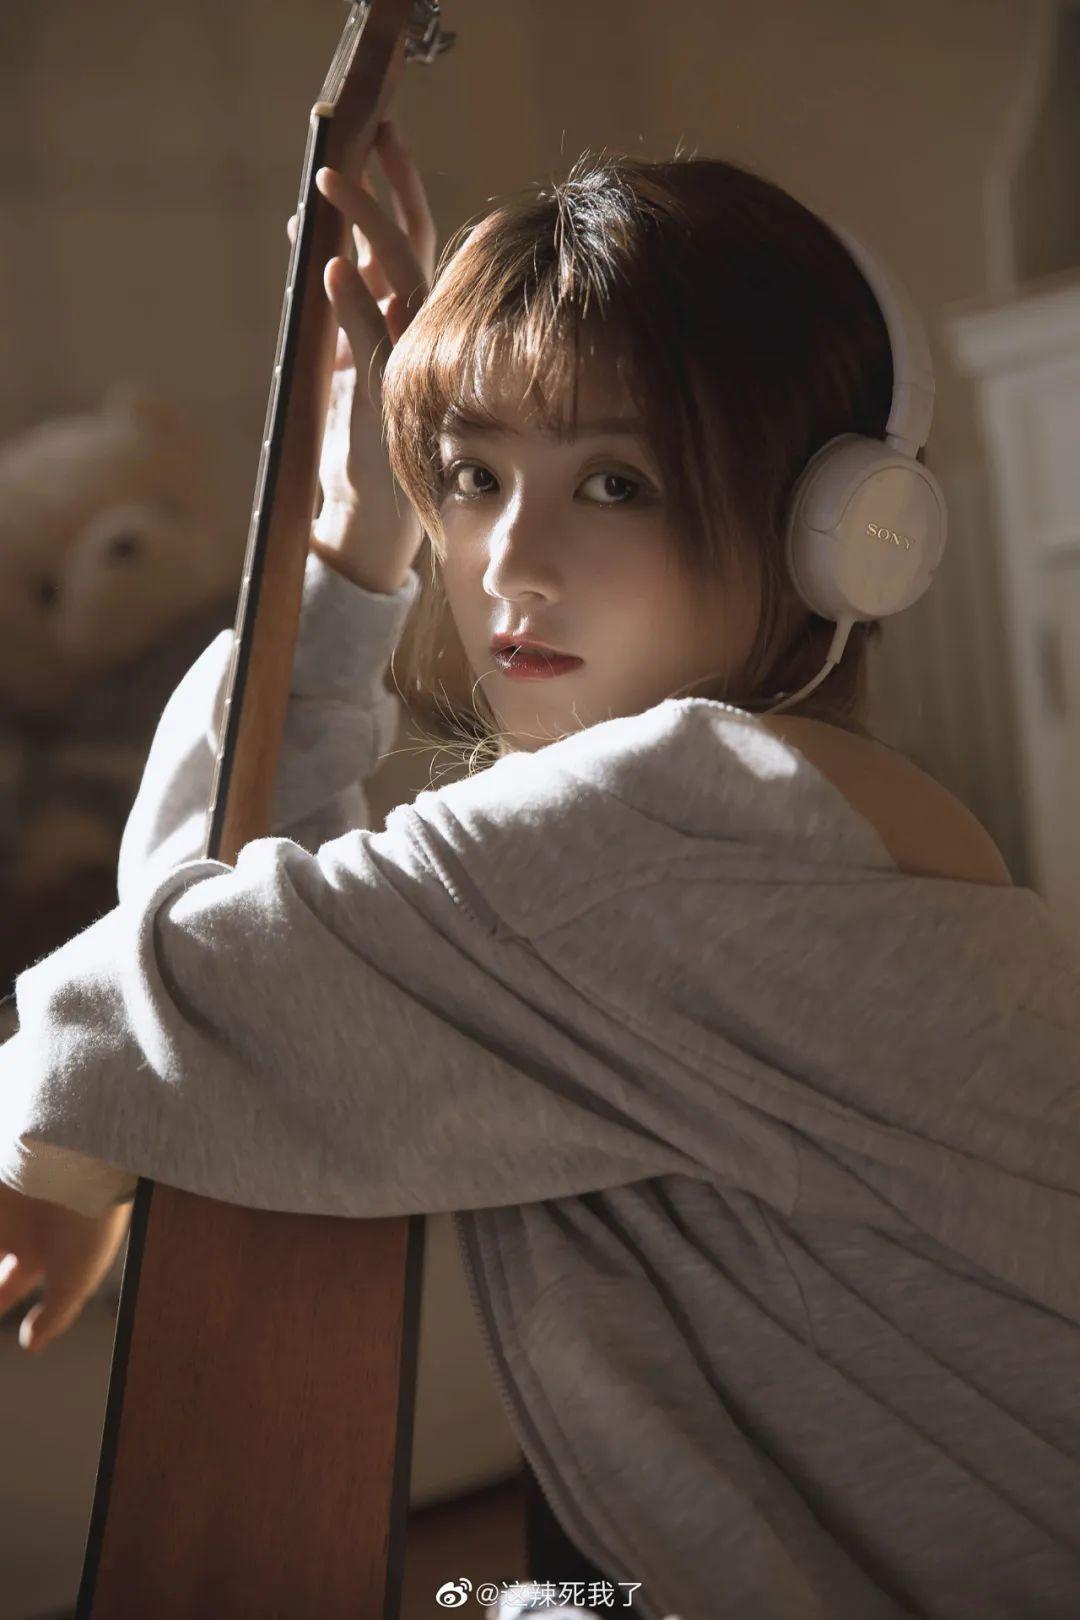 妹子摄影 – 爱学习的邻家女孩,卫衣搭配格子连衣裙_图片 No.7